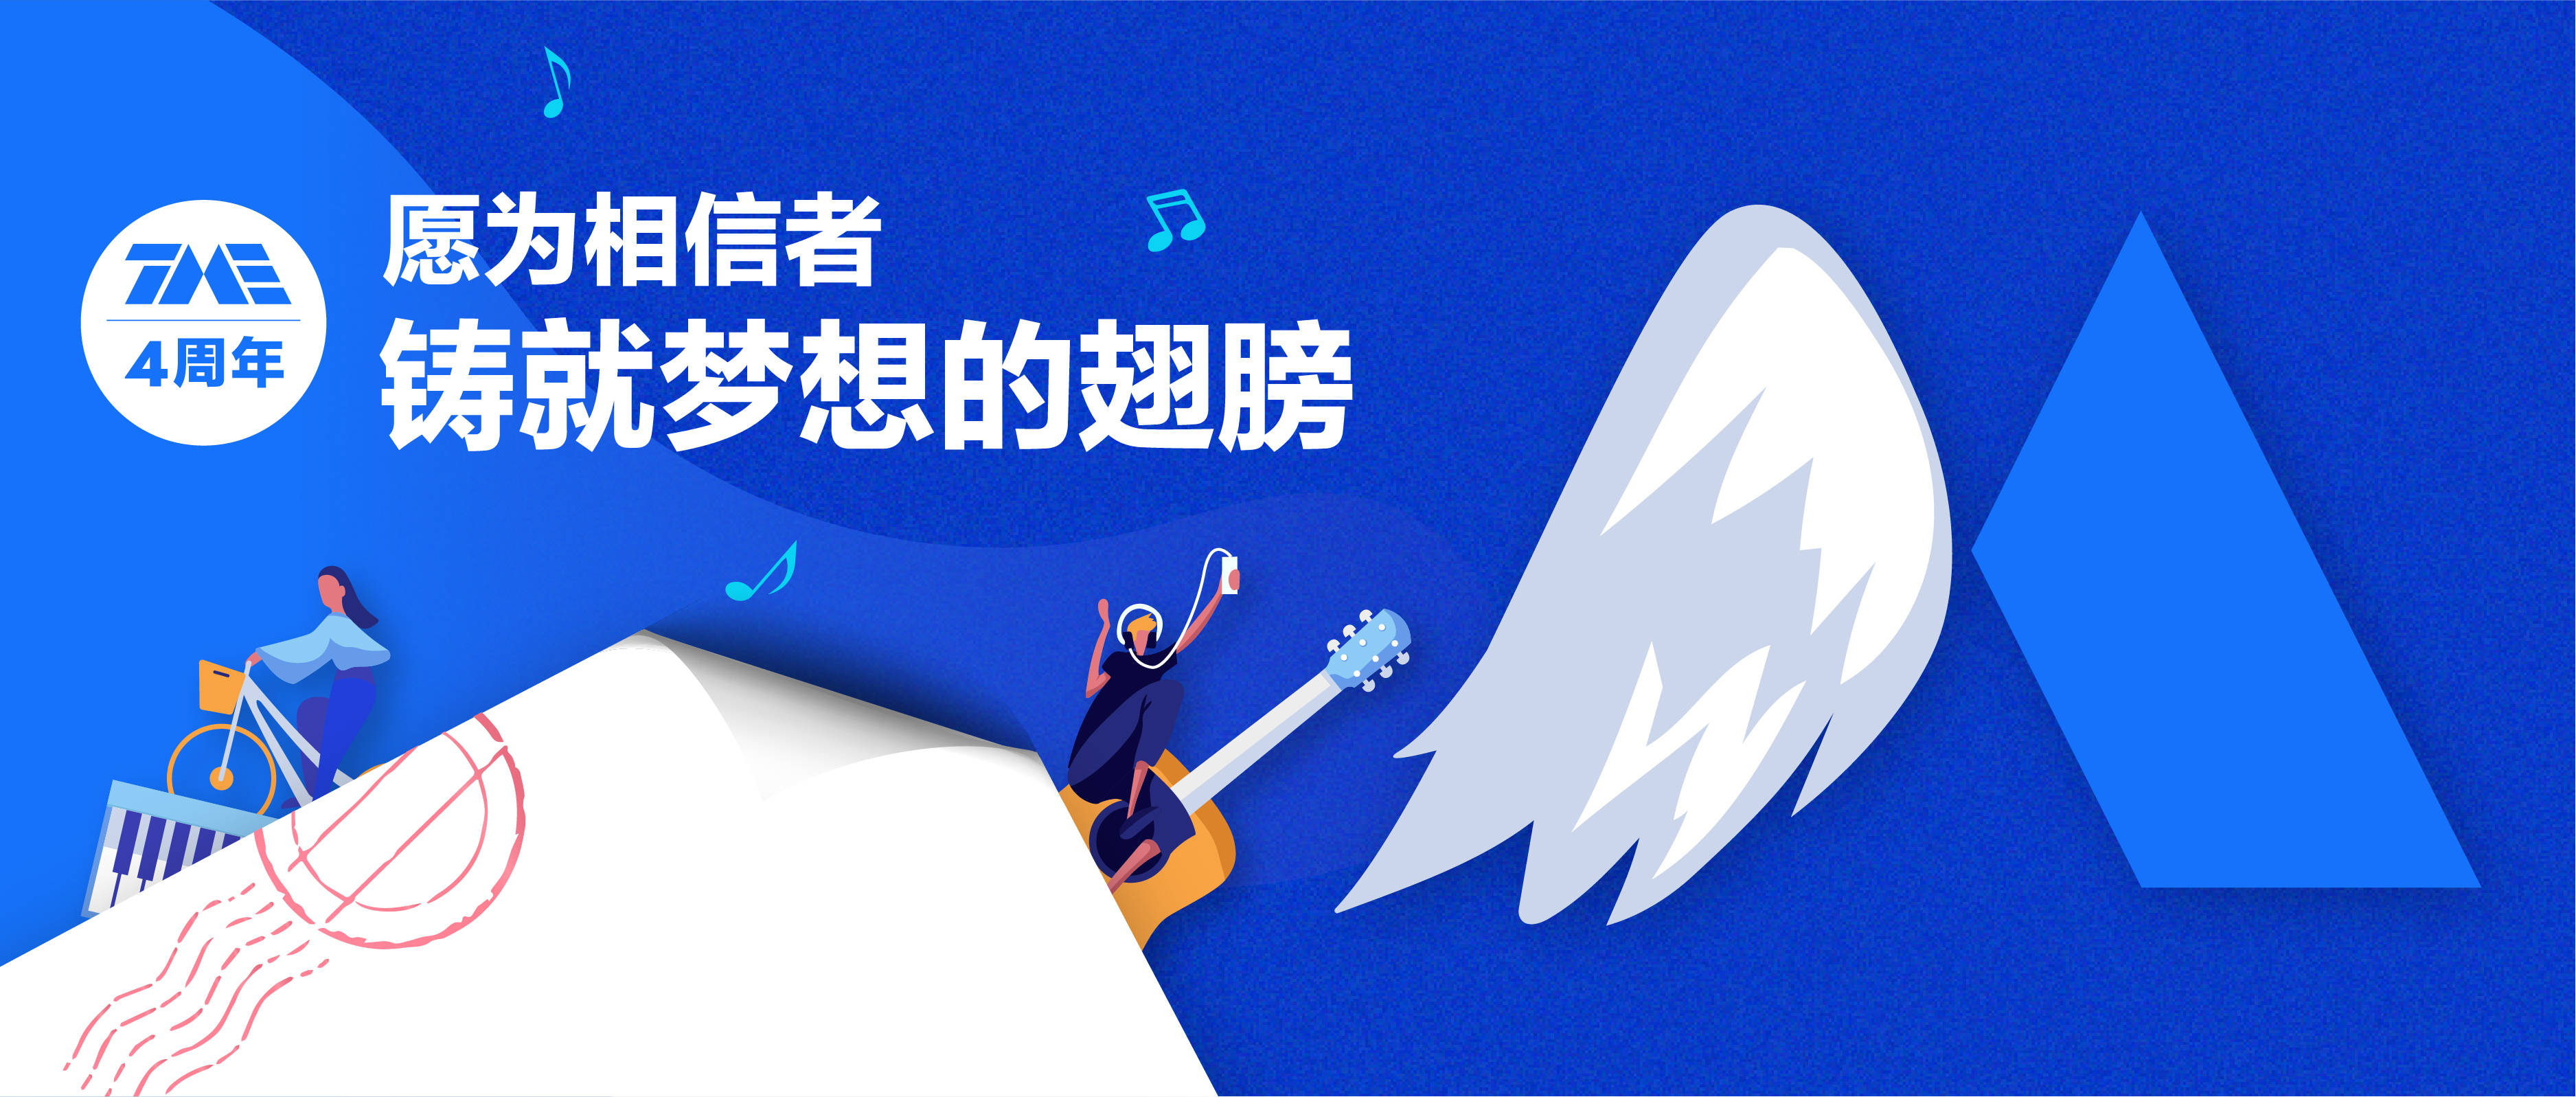 原创             腾讯音乐这四年:羽翼丰满,振翅高飞